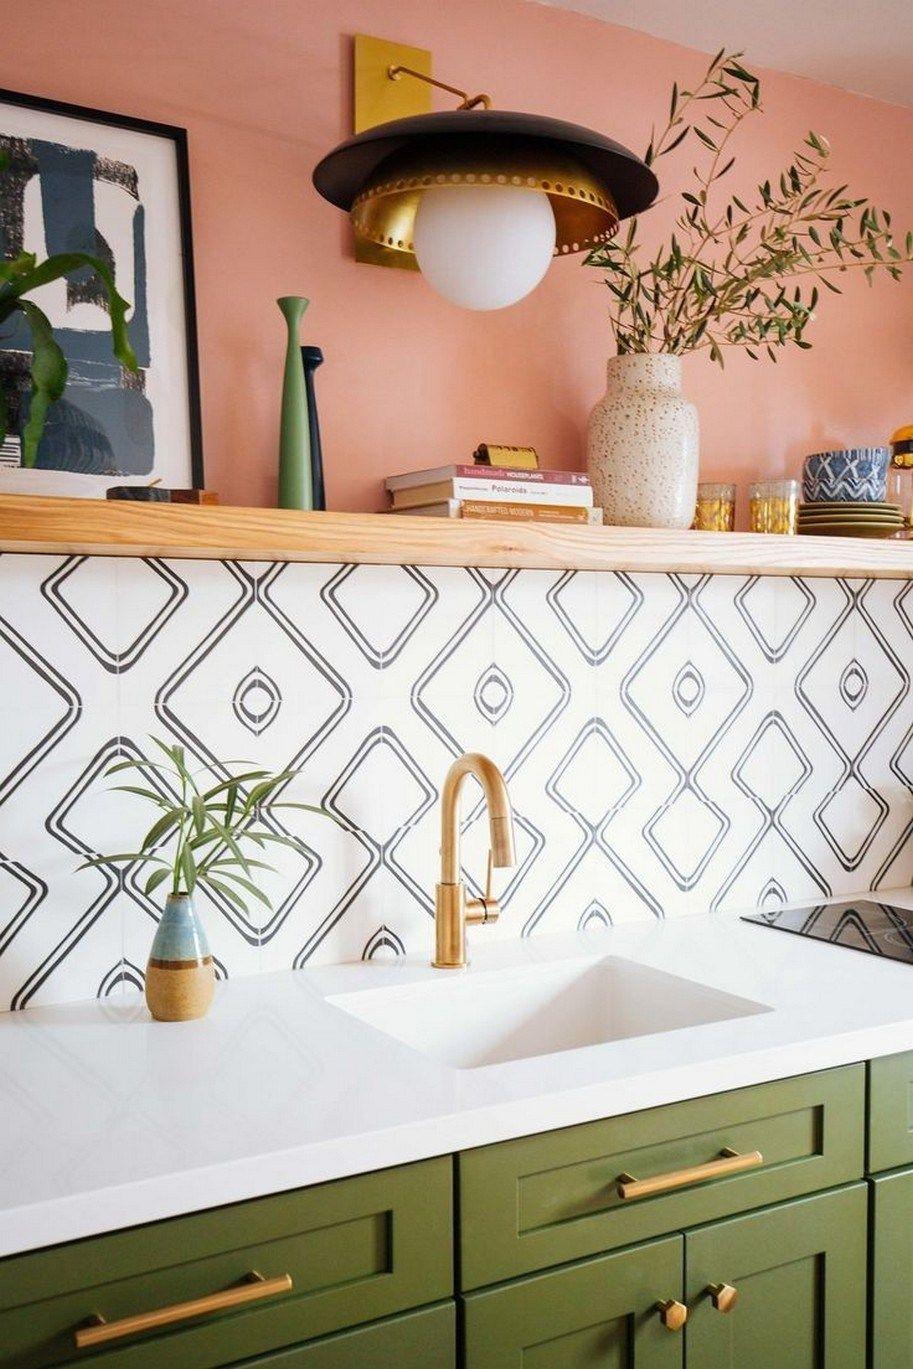 91 Totally Inspiring Kitchen Design Ideas 38 Kitchen Design Small Green Cabinets Interior Design Kitchen